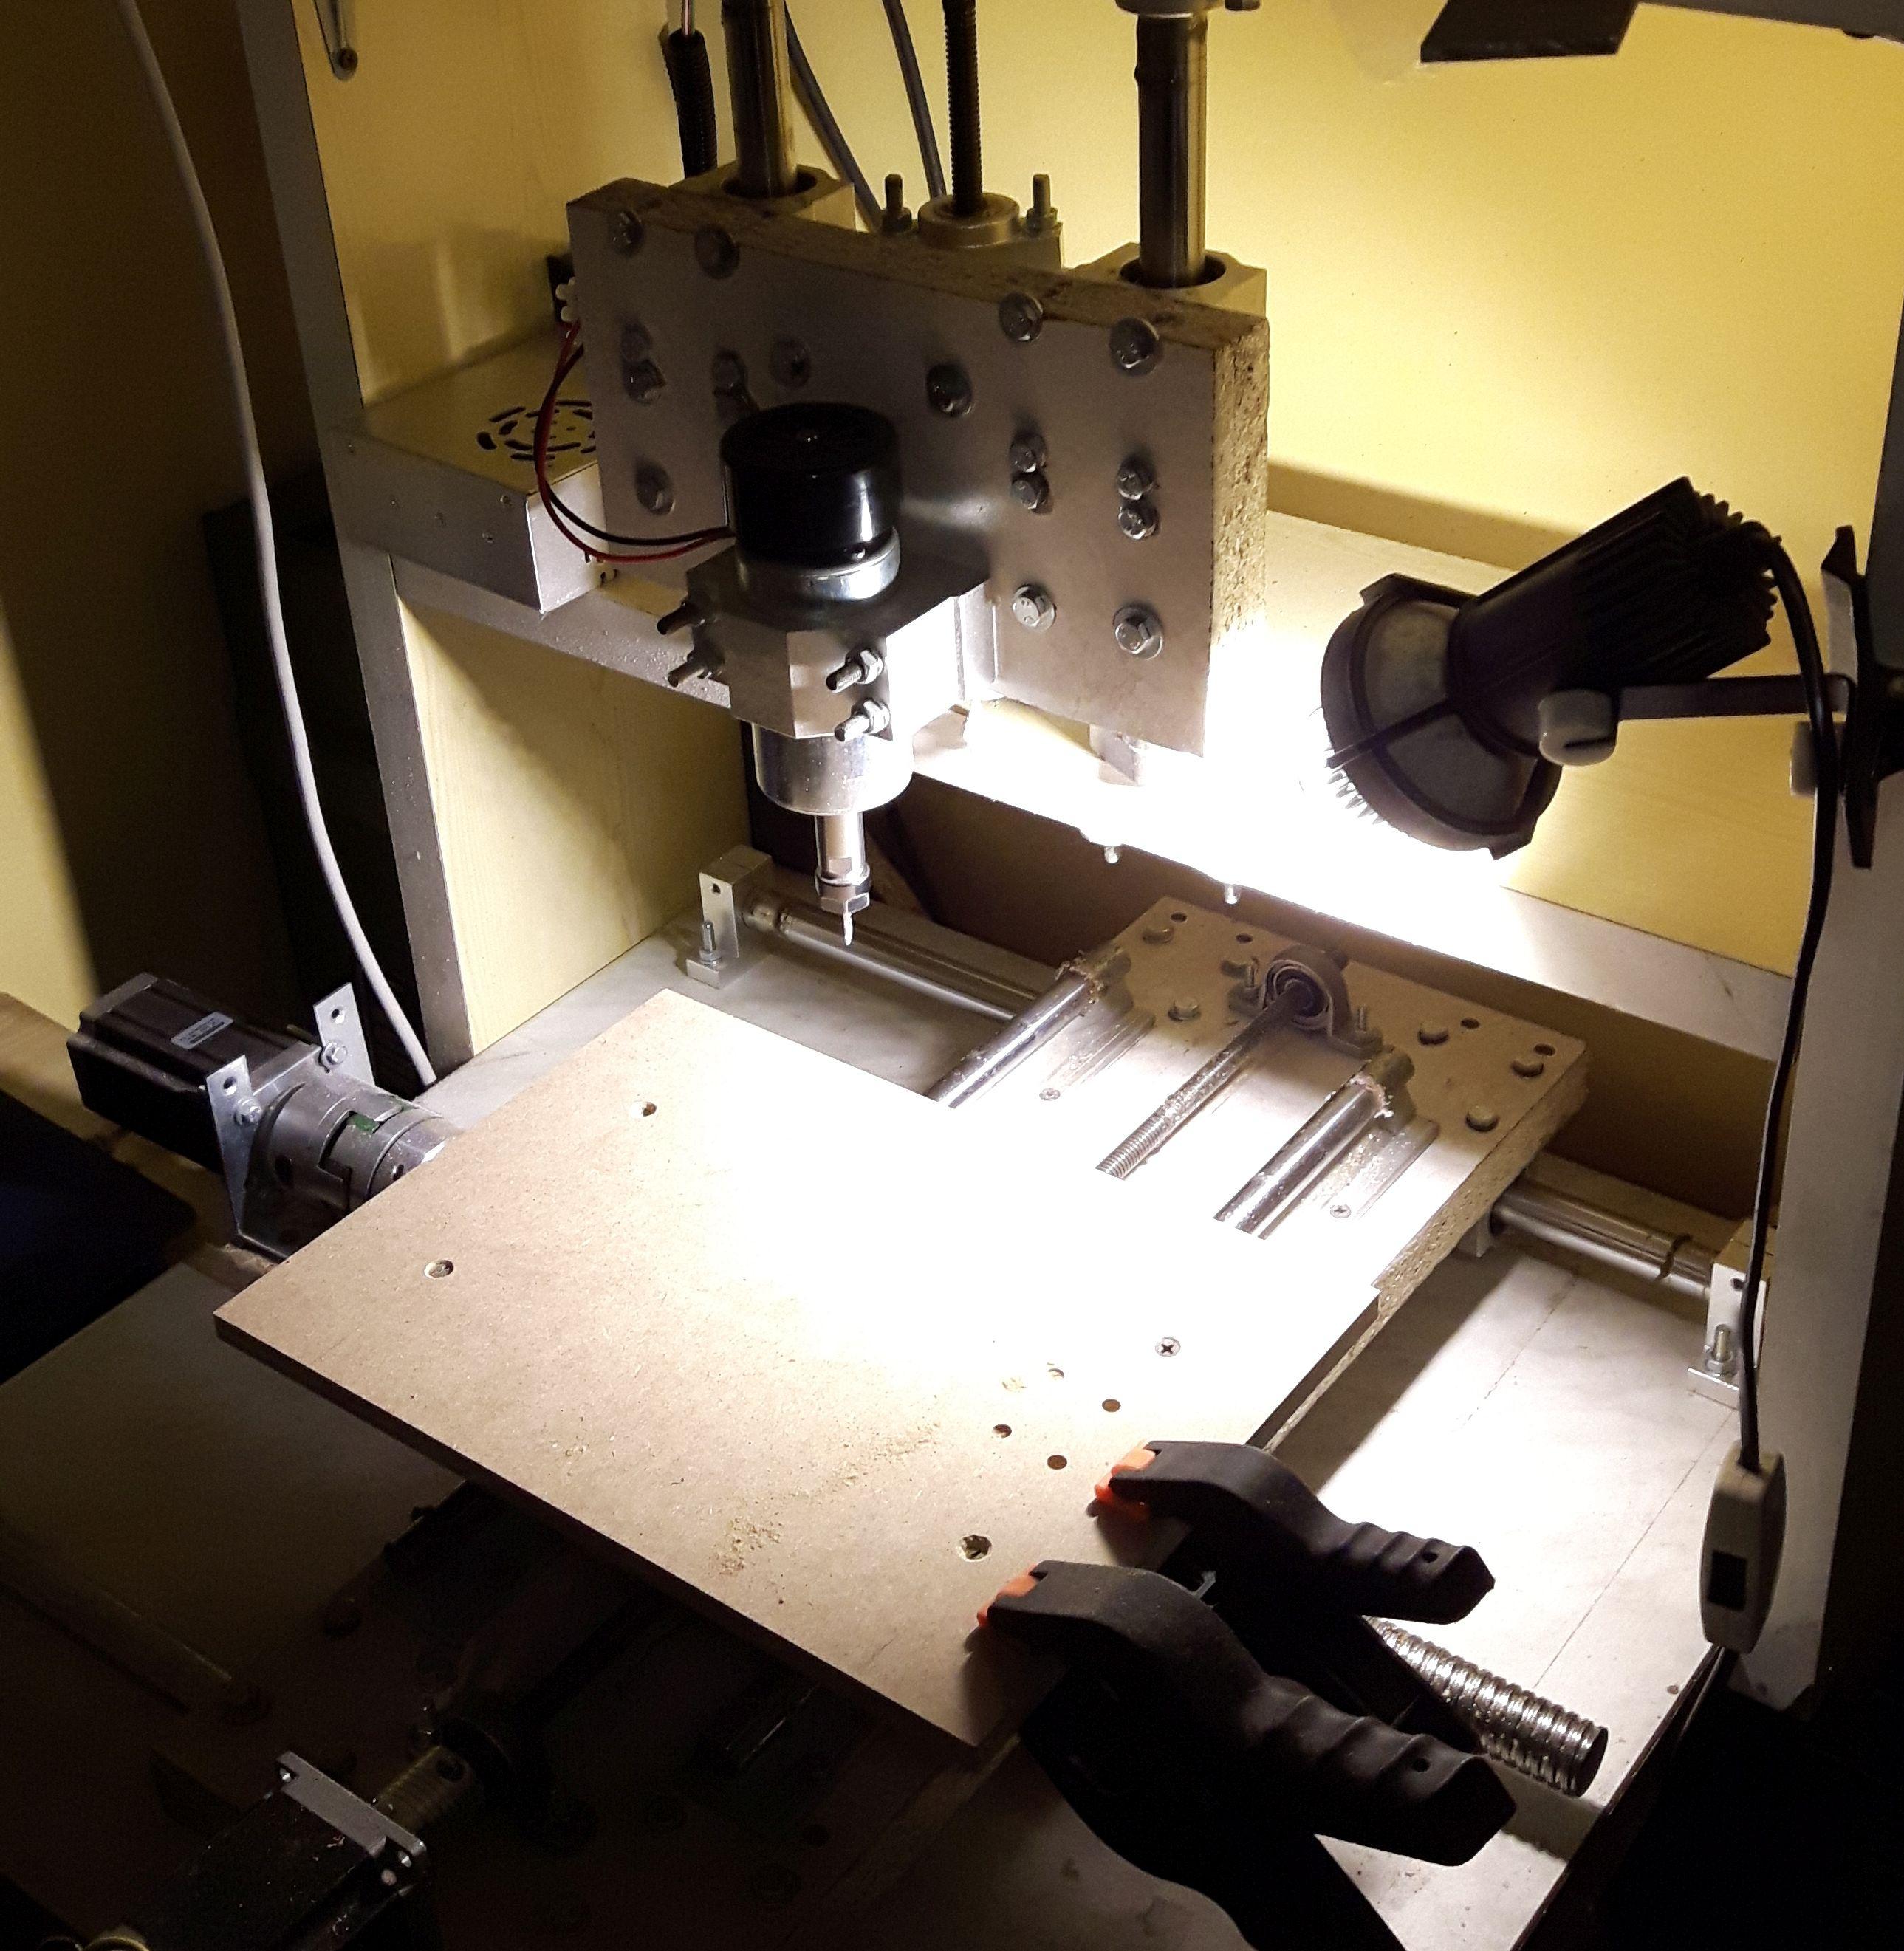 Zaktualizowano Frezark cnc domowej roboty - prezentacja - cnc.info.pl - FORUM CNC UC86